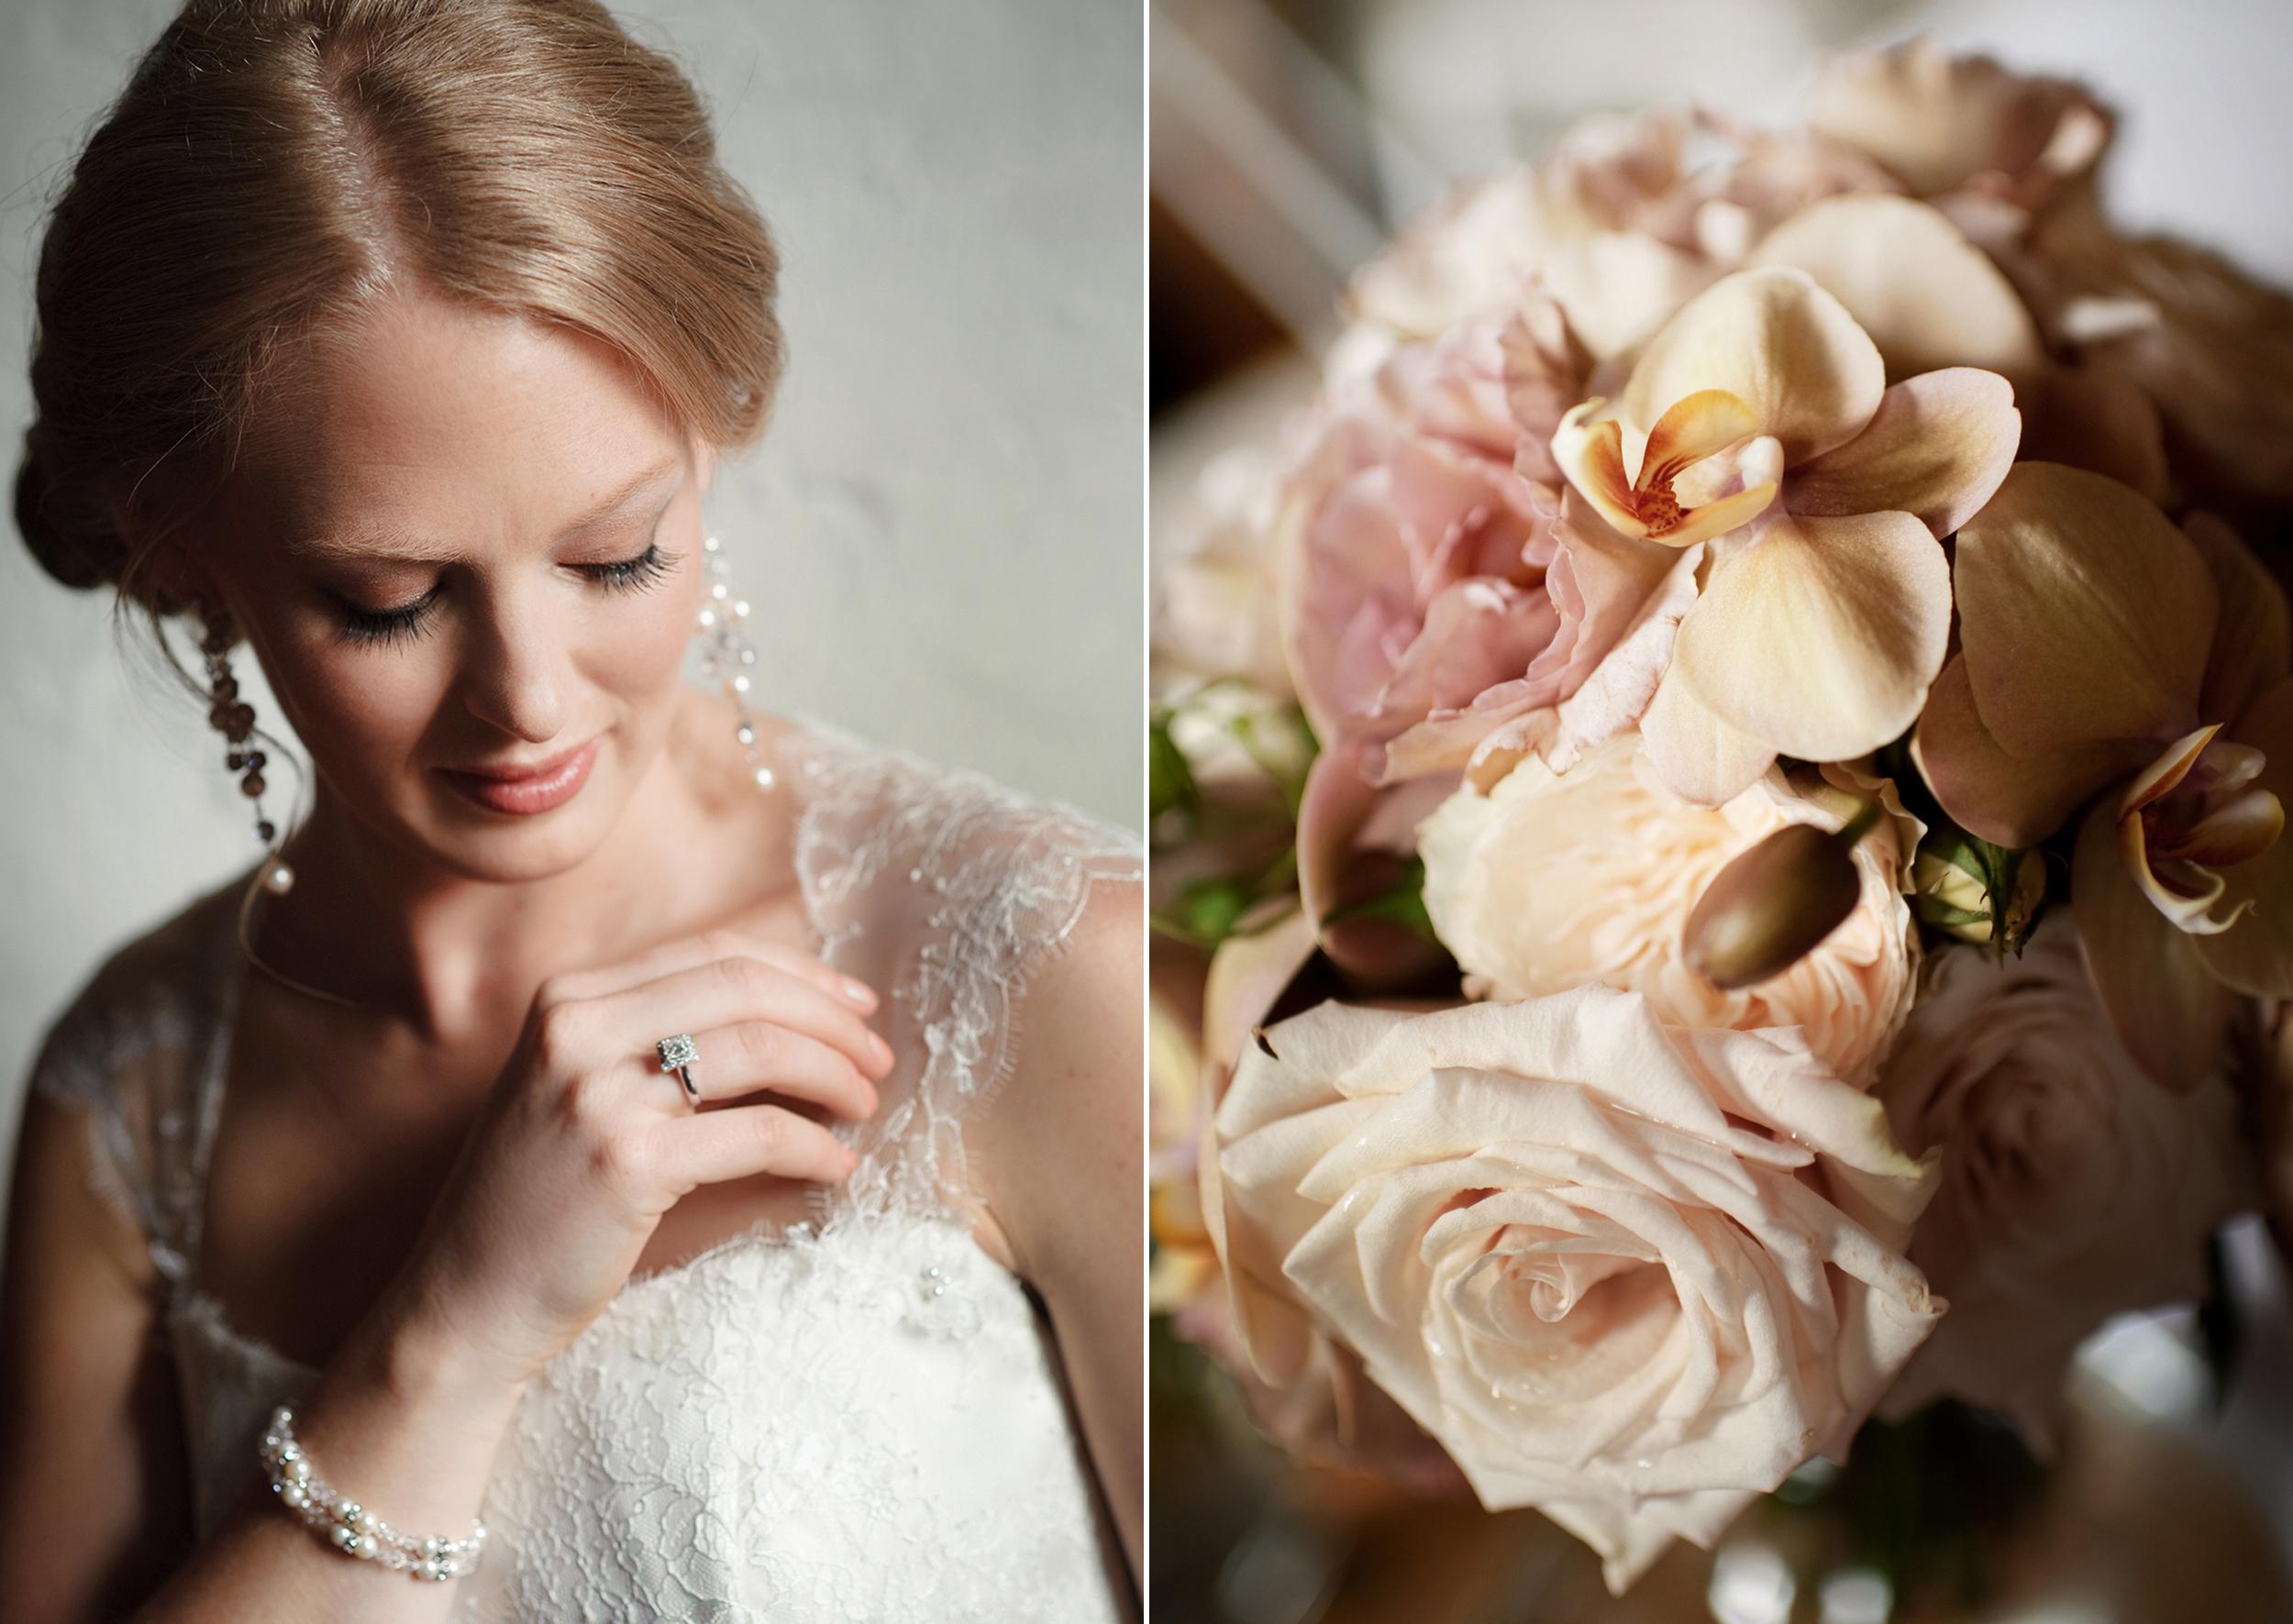 euroa_butter_factory_wedding_photography_54.jpg